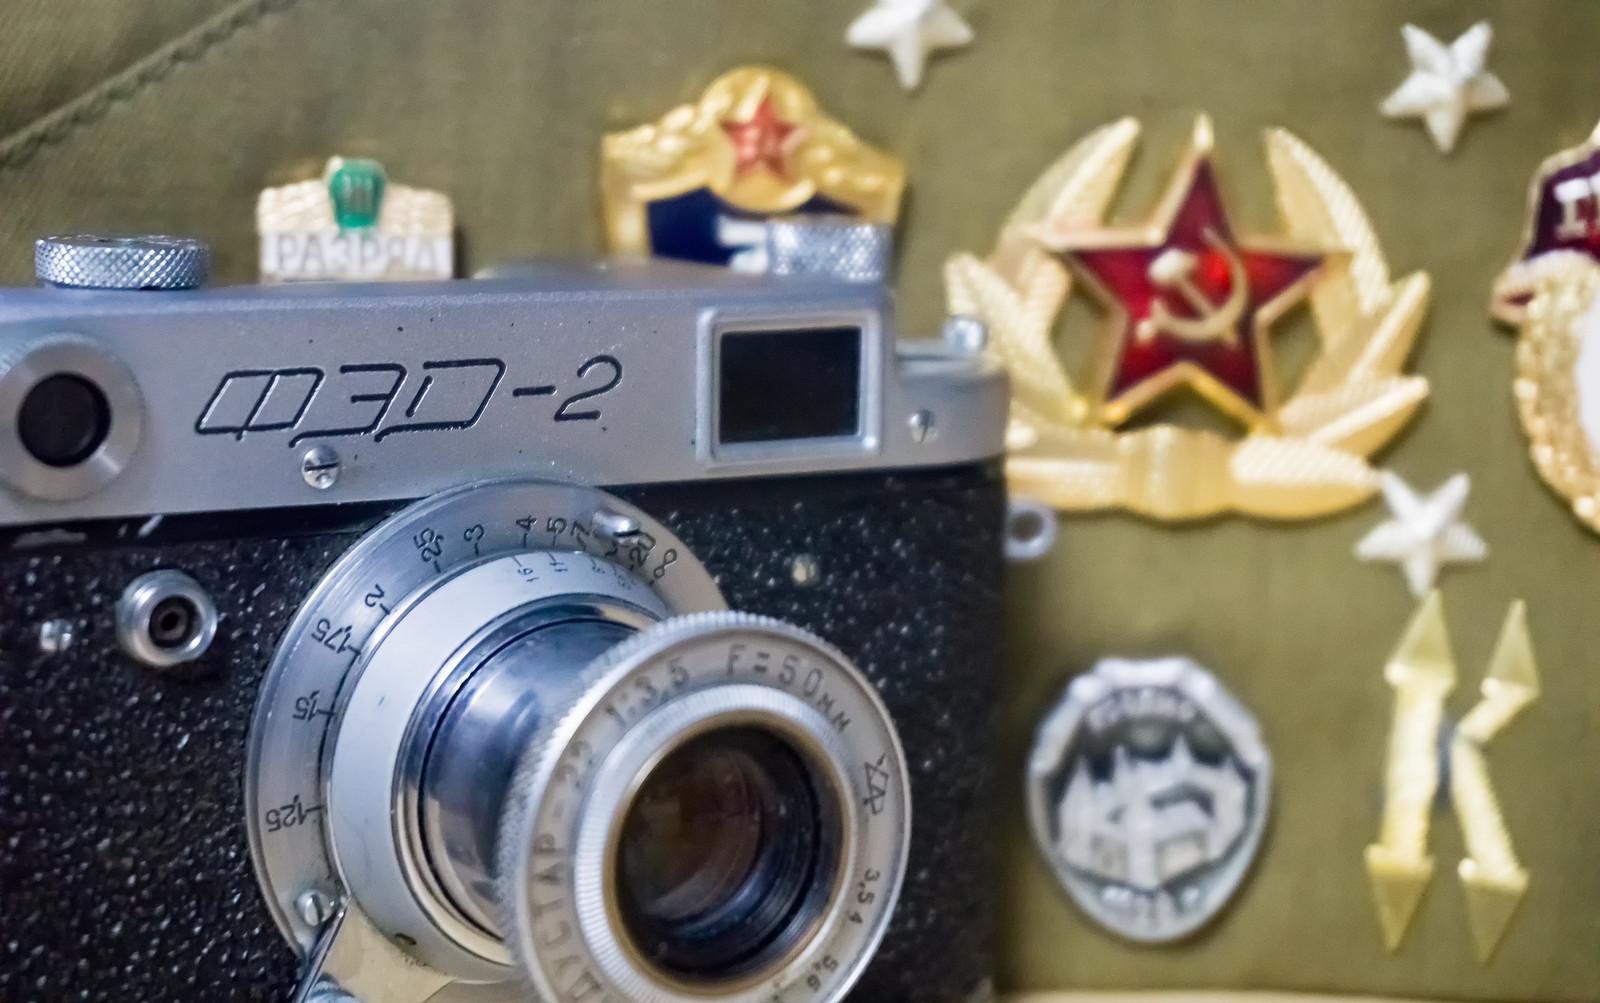 Camera Review Blog No. 10 - Fed-2 (ФЭД-2)